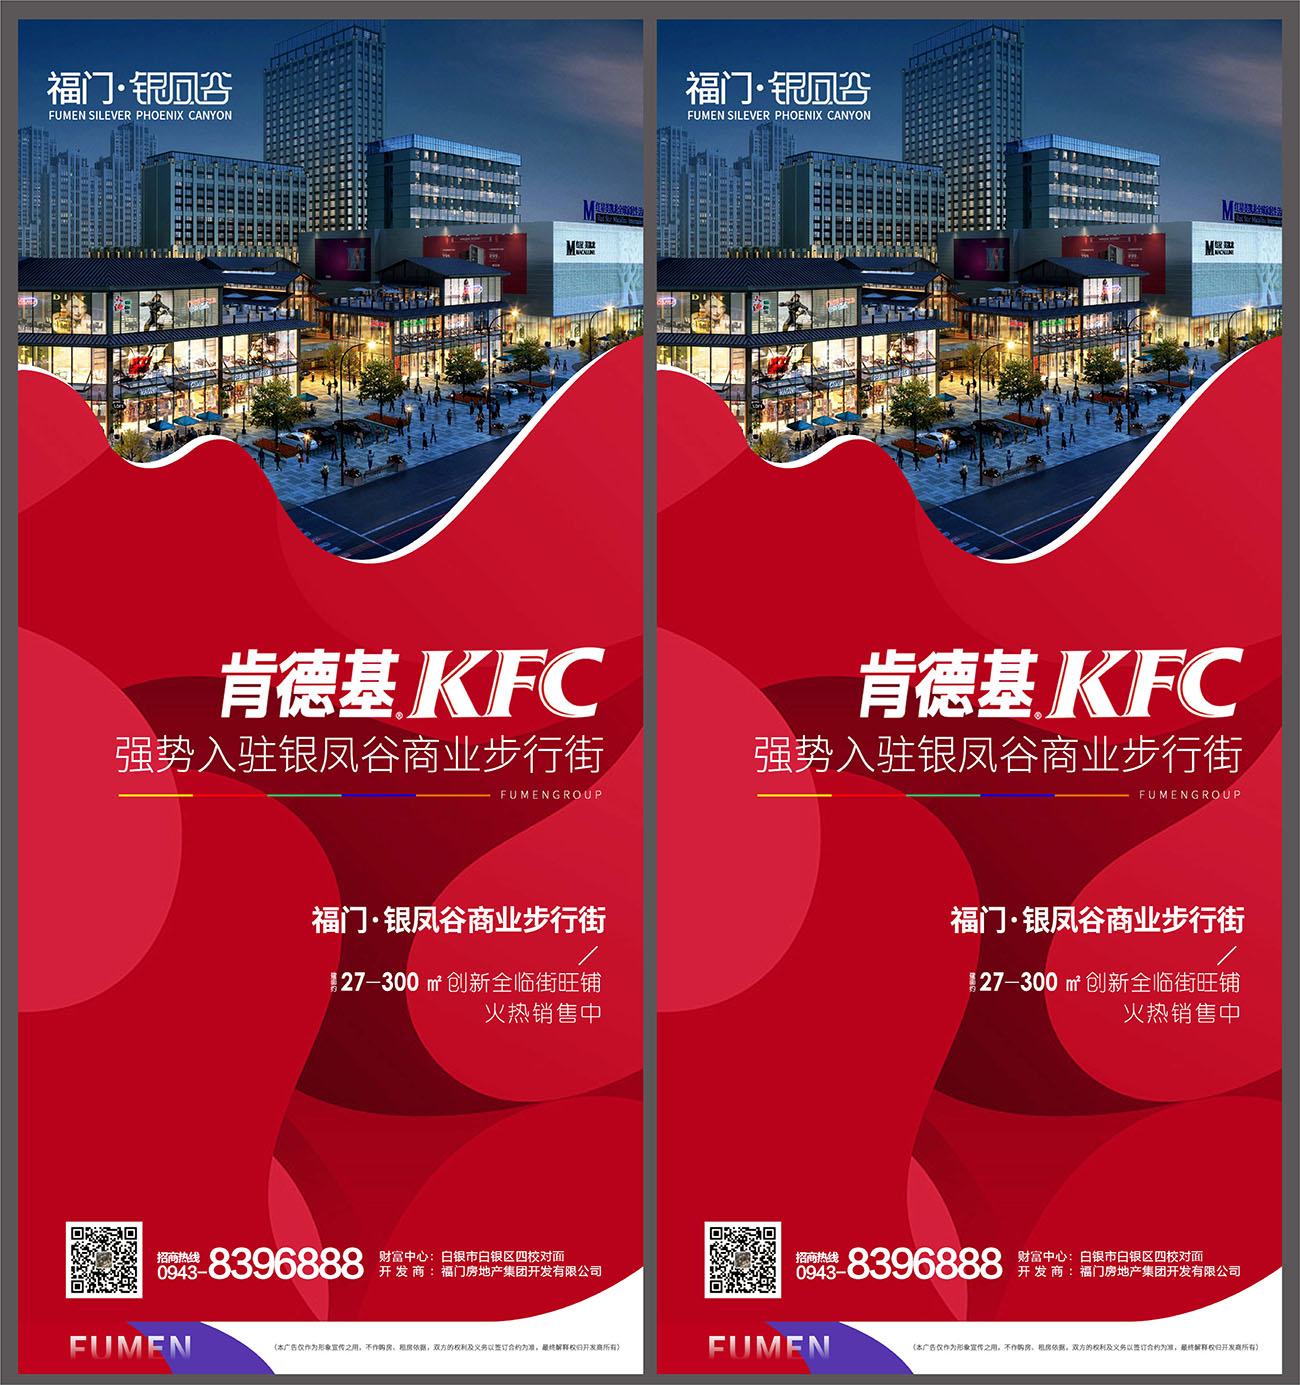 房地产肯德基品牌入驻商业海报PSD源文件插图